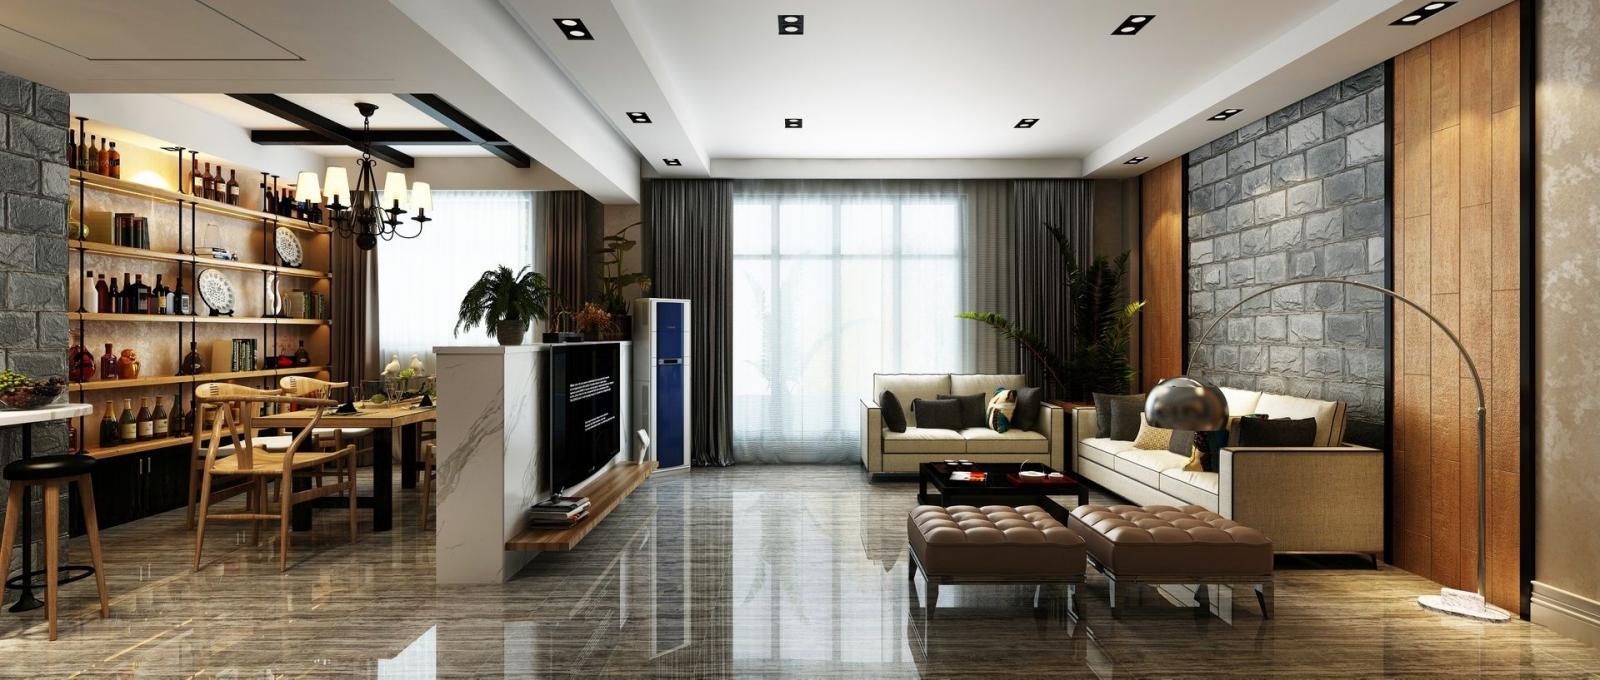 复式楼混搭风格客厅电视背景墙图片